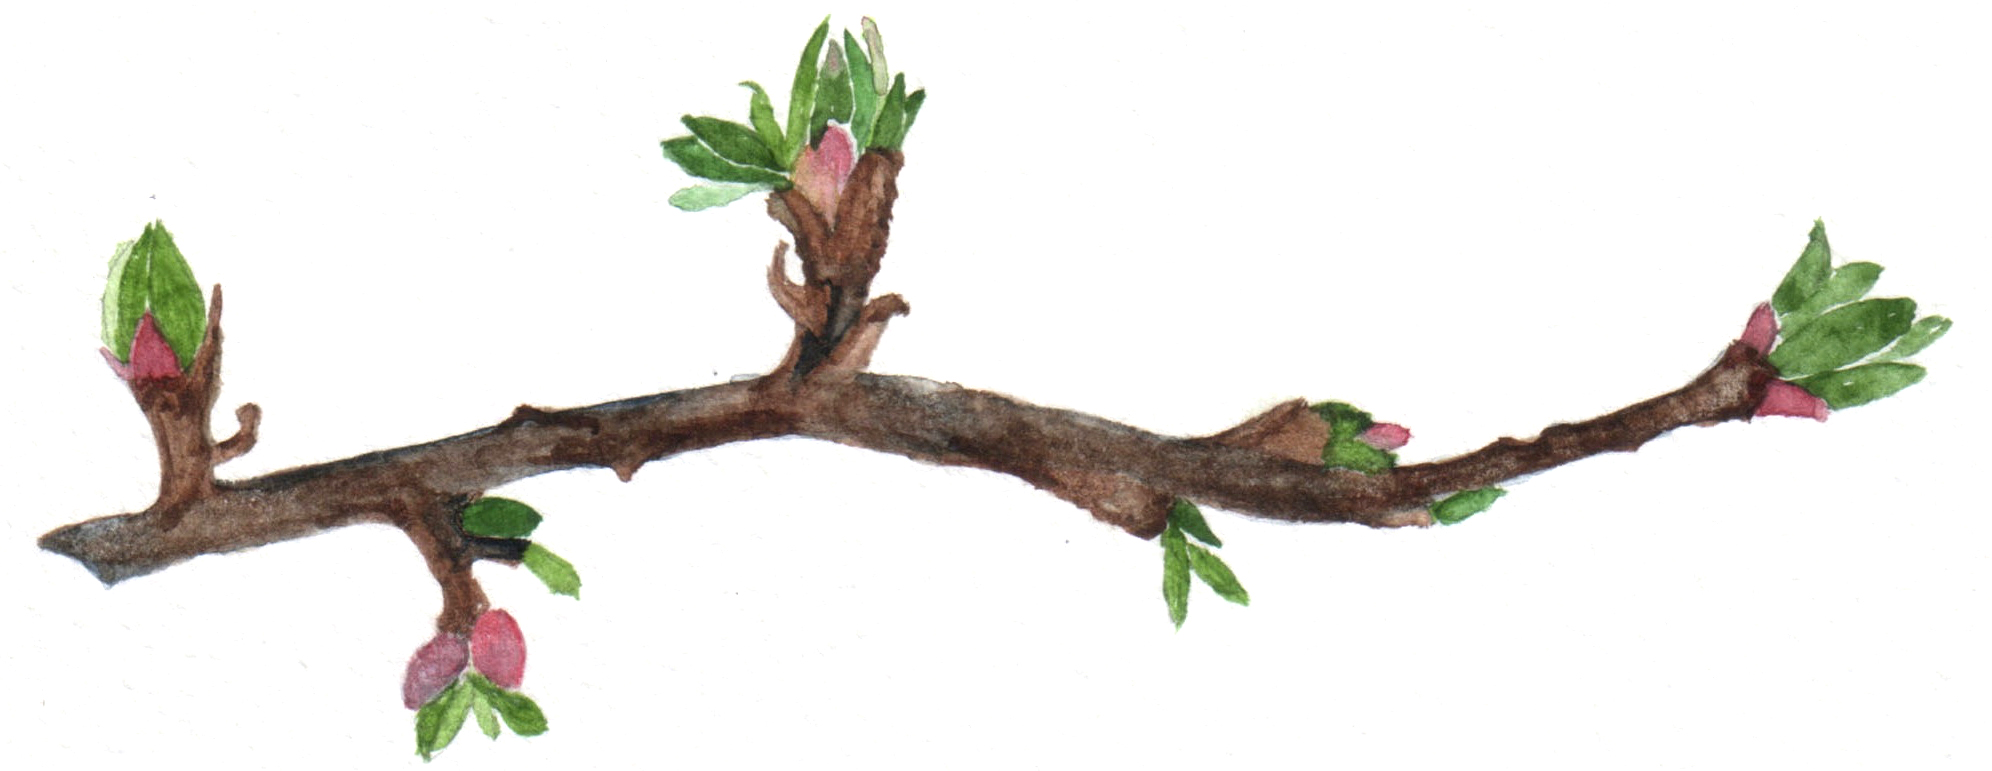 - Budding Leaf Shiatsu